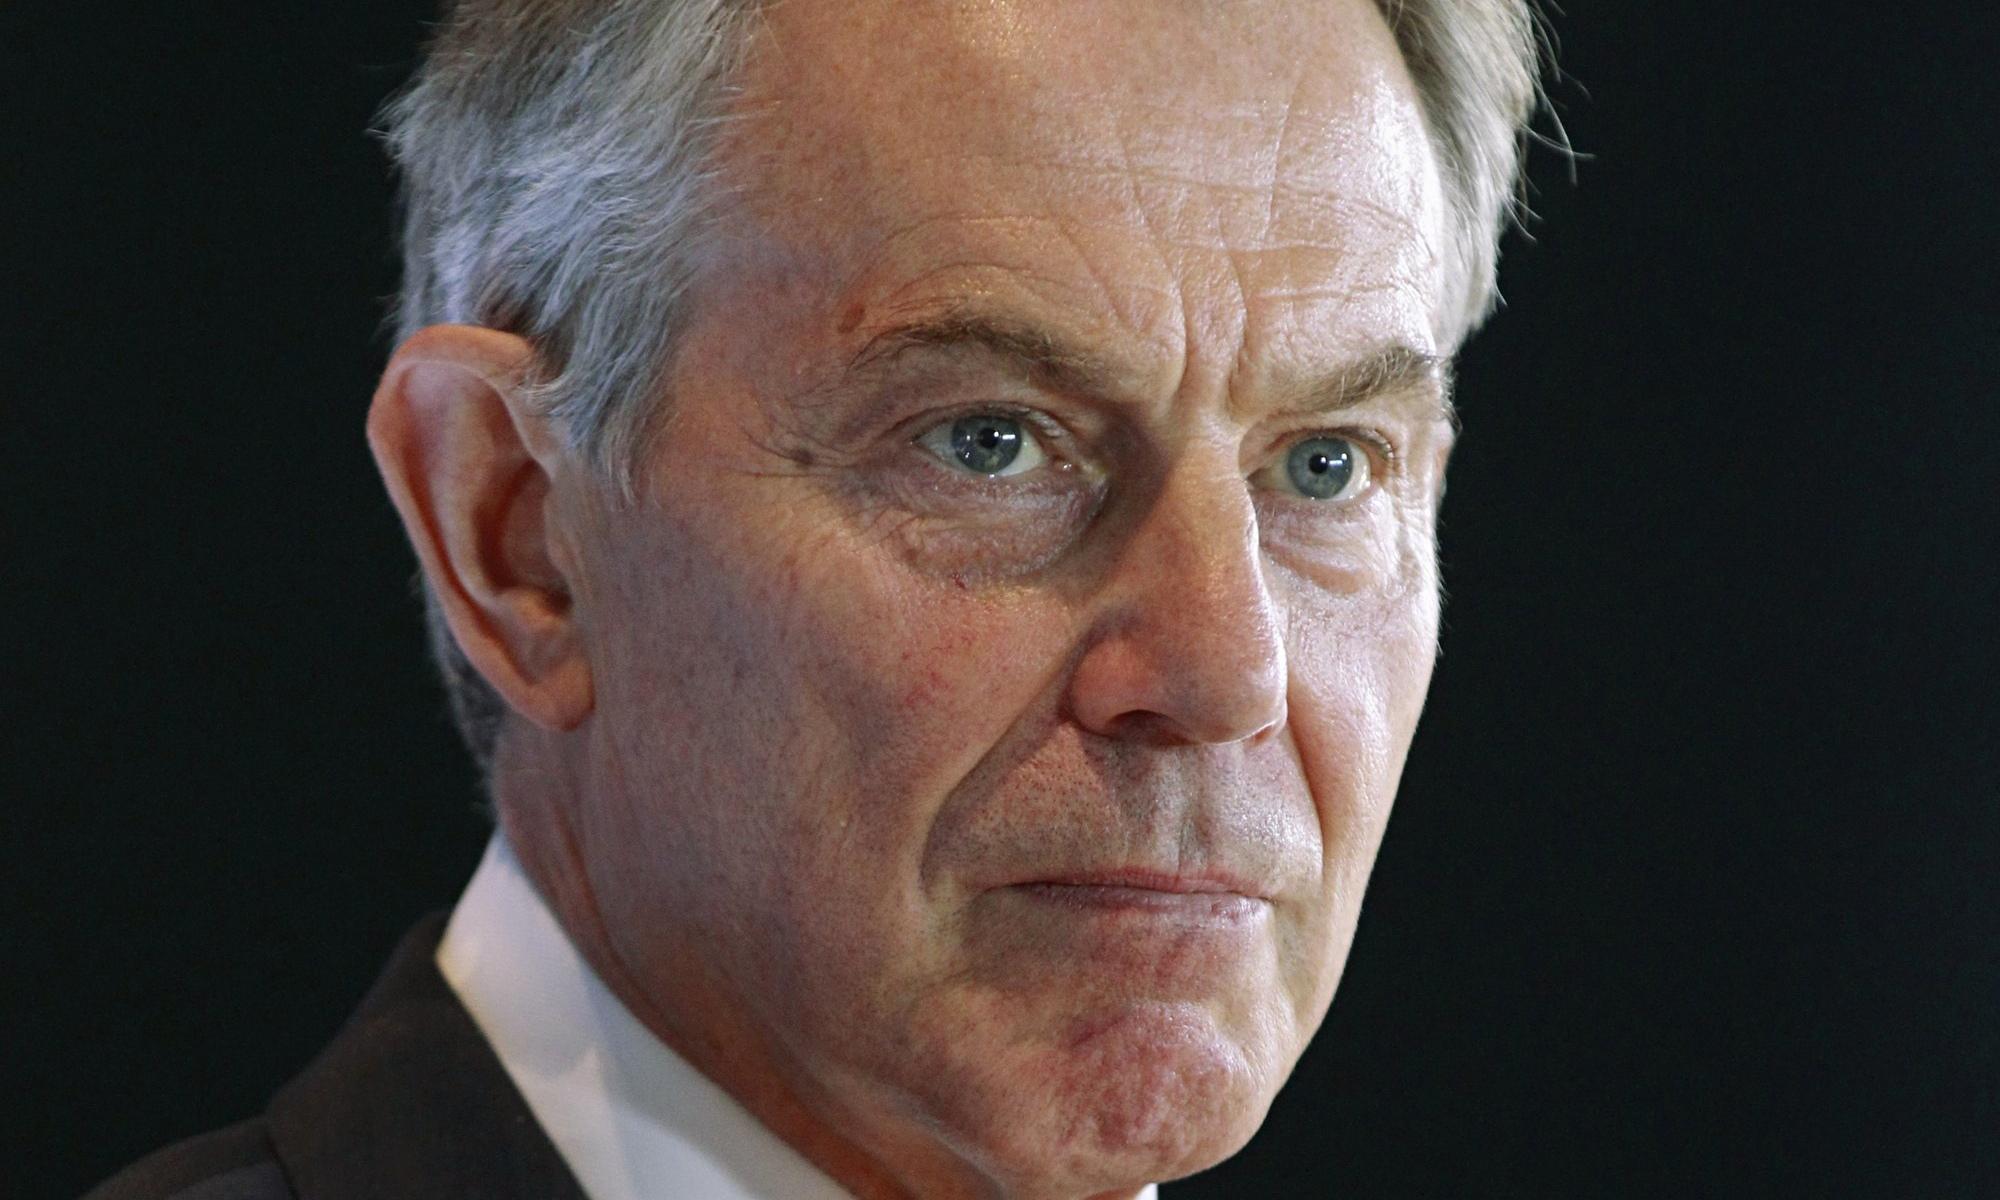 Tony-Blair-012.jpg